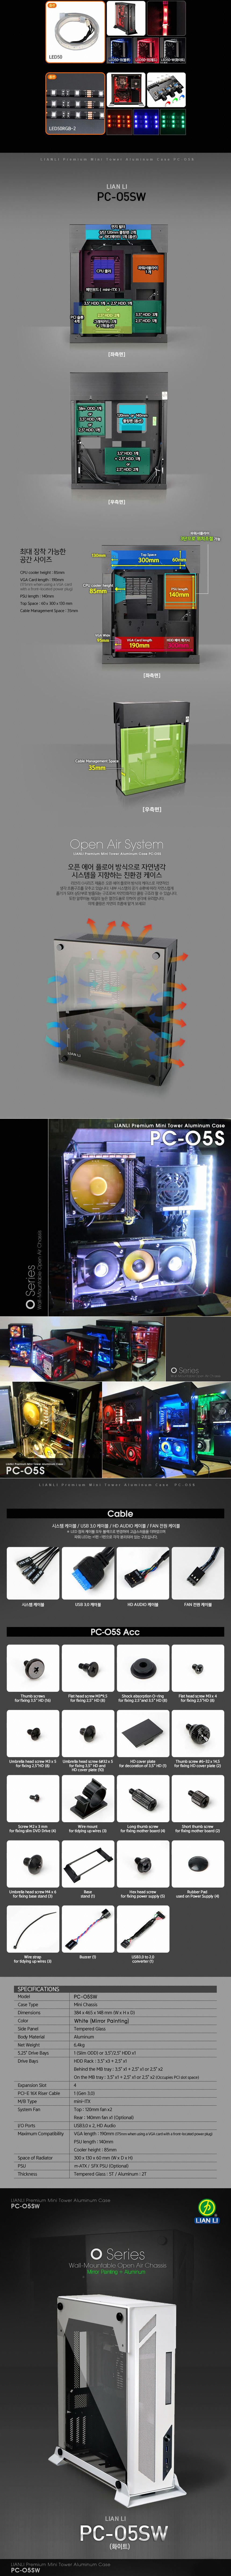 PC-O5SW_INFO-03.jpg